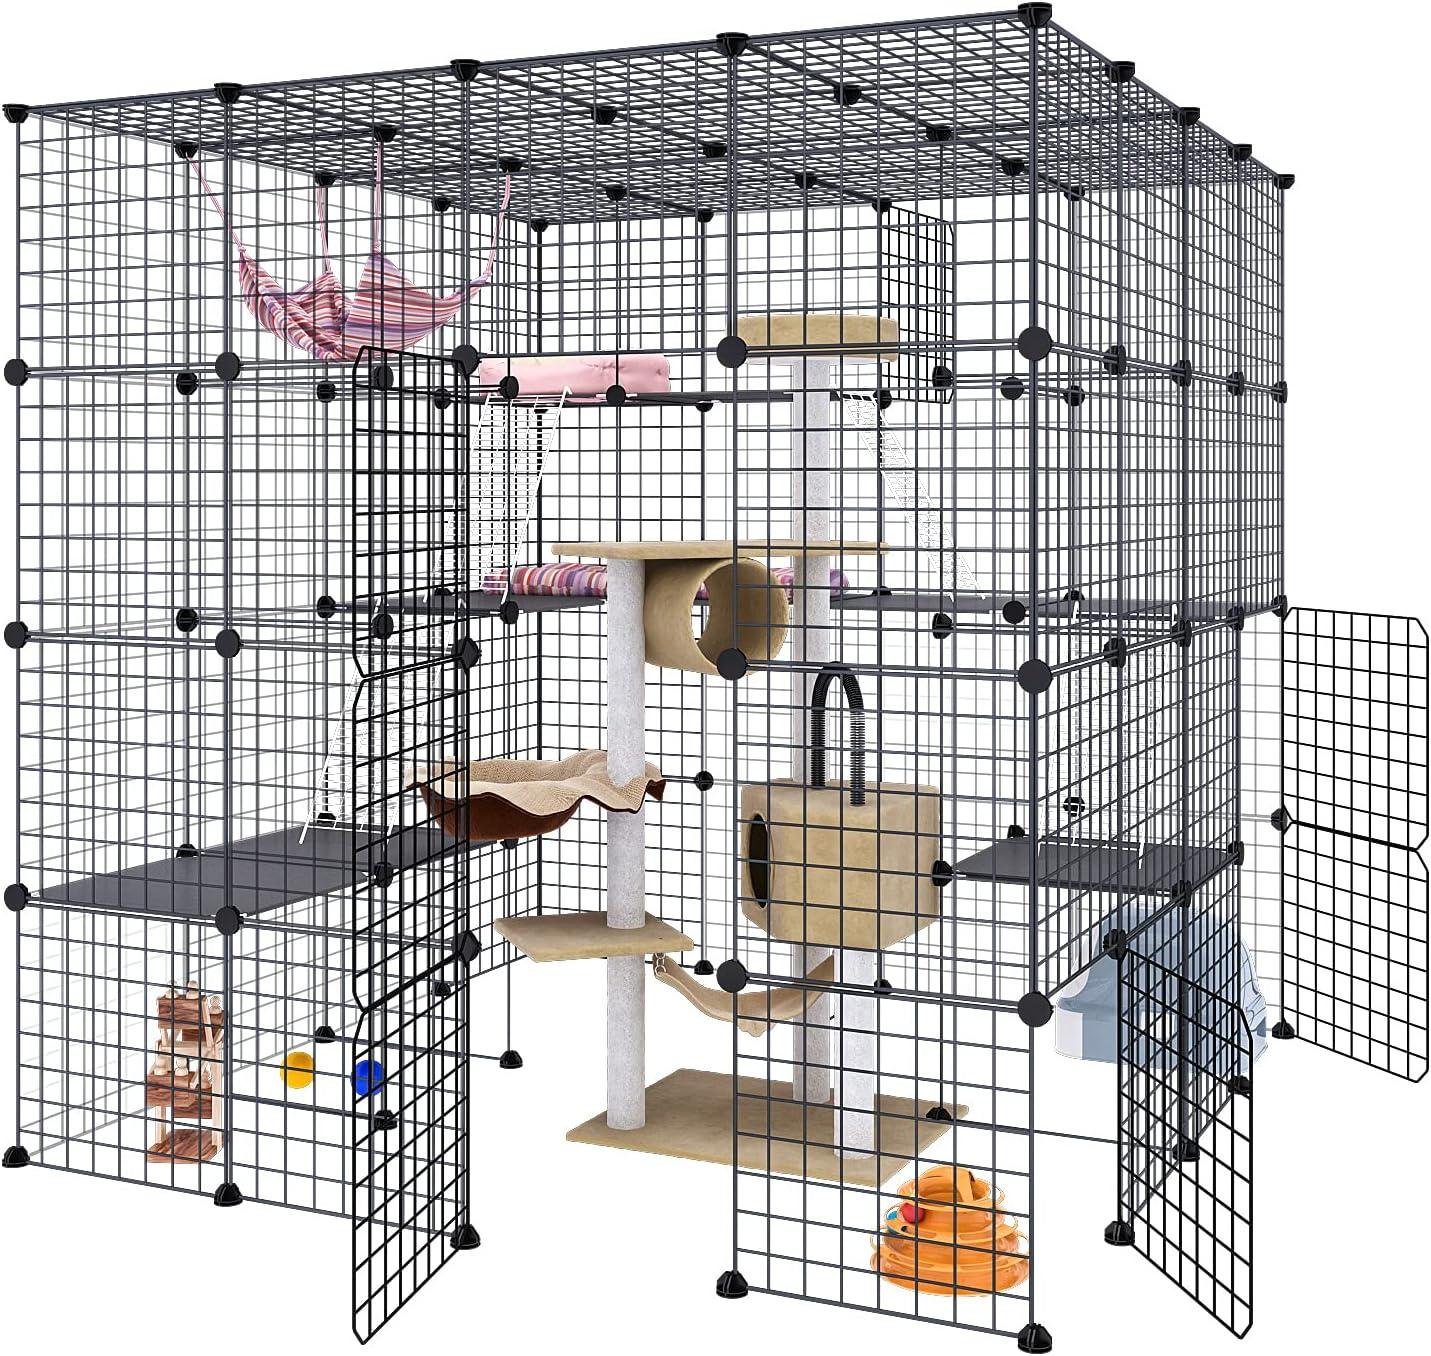 Eiiel Large service Cat New life Cage Indoor Metal Detachable Wir DIY Playpen